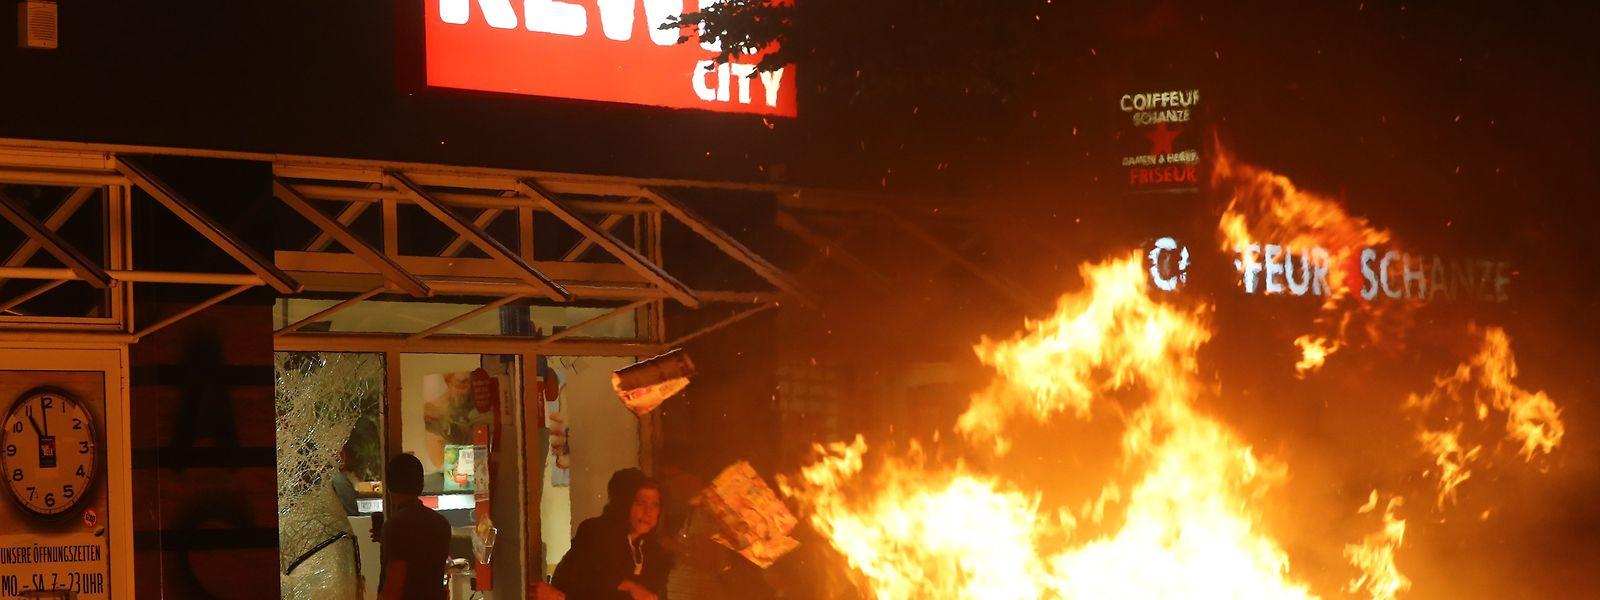 Am Freitagabend plünderten die Randalierer einen Supermarkt in der Sternschanze.